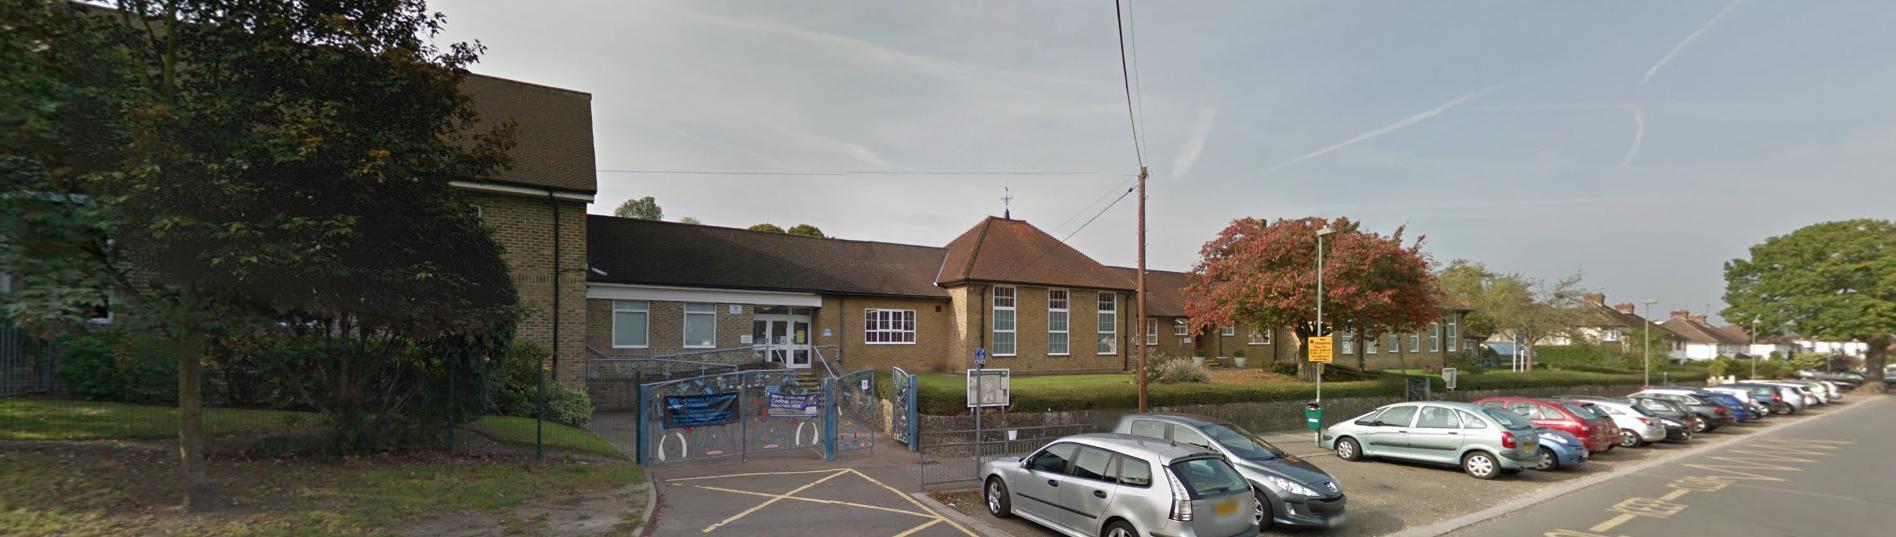 Wickham Common Primary School